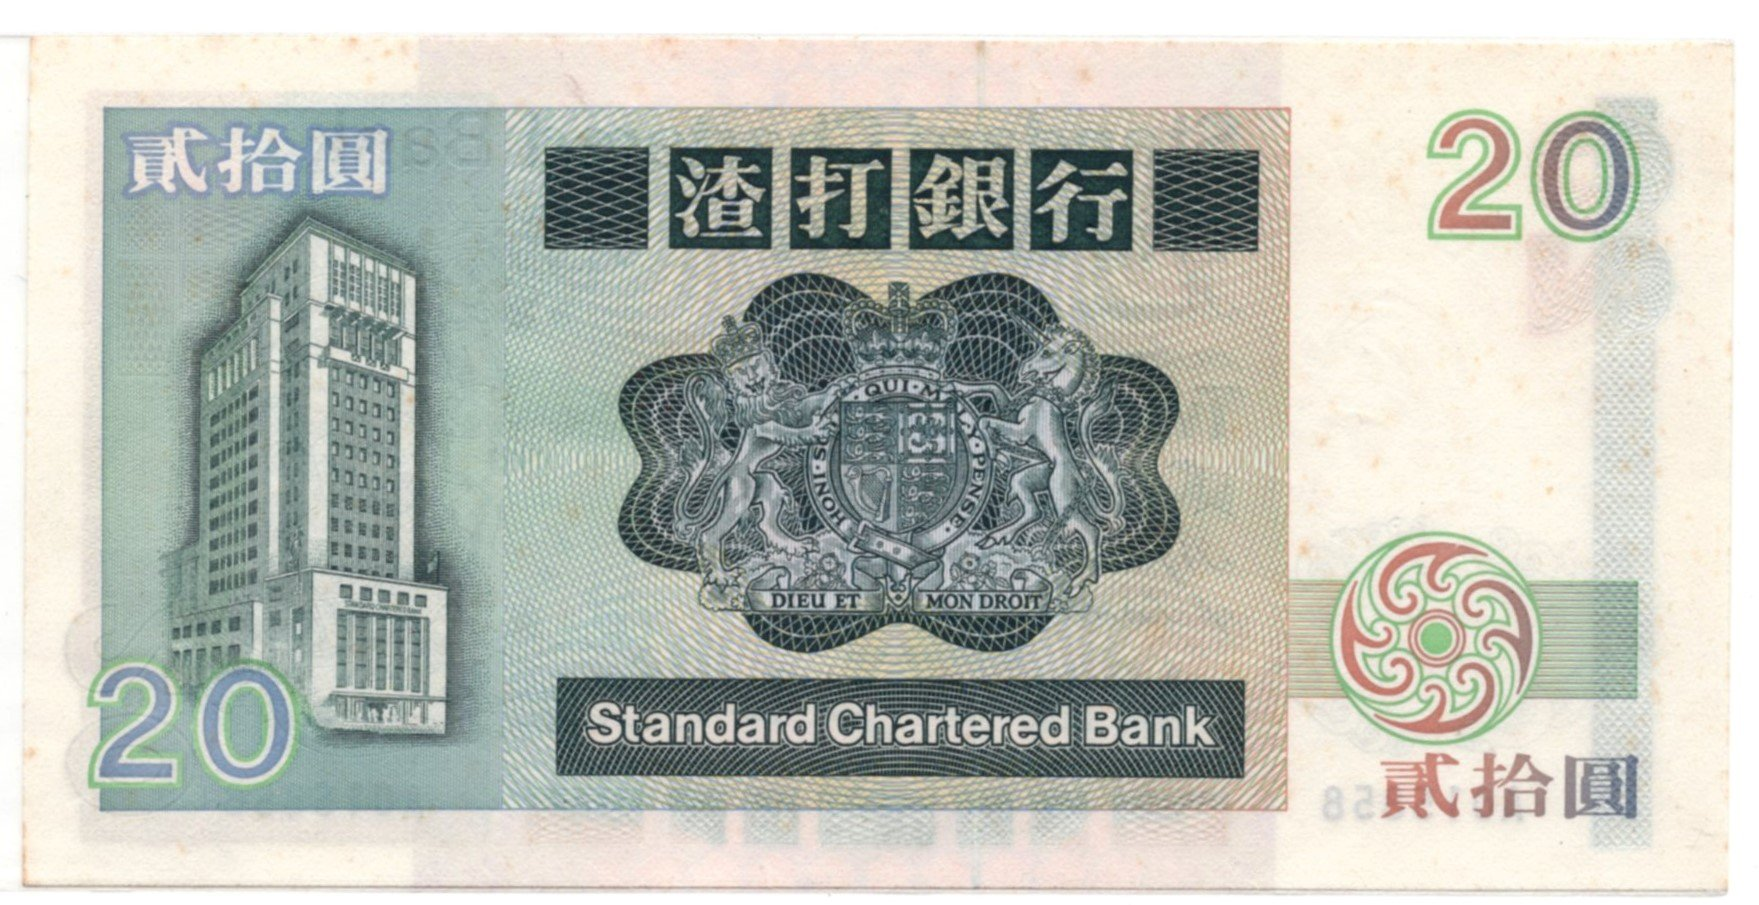 HK 20 dollars P279